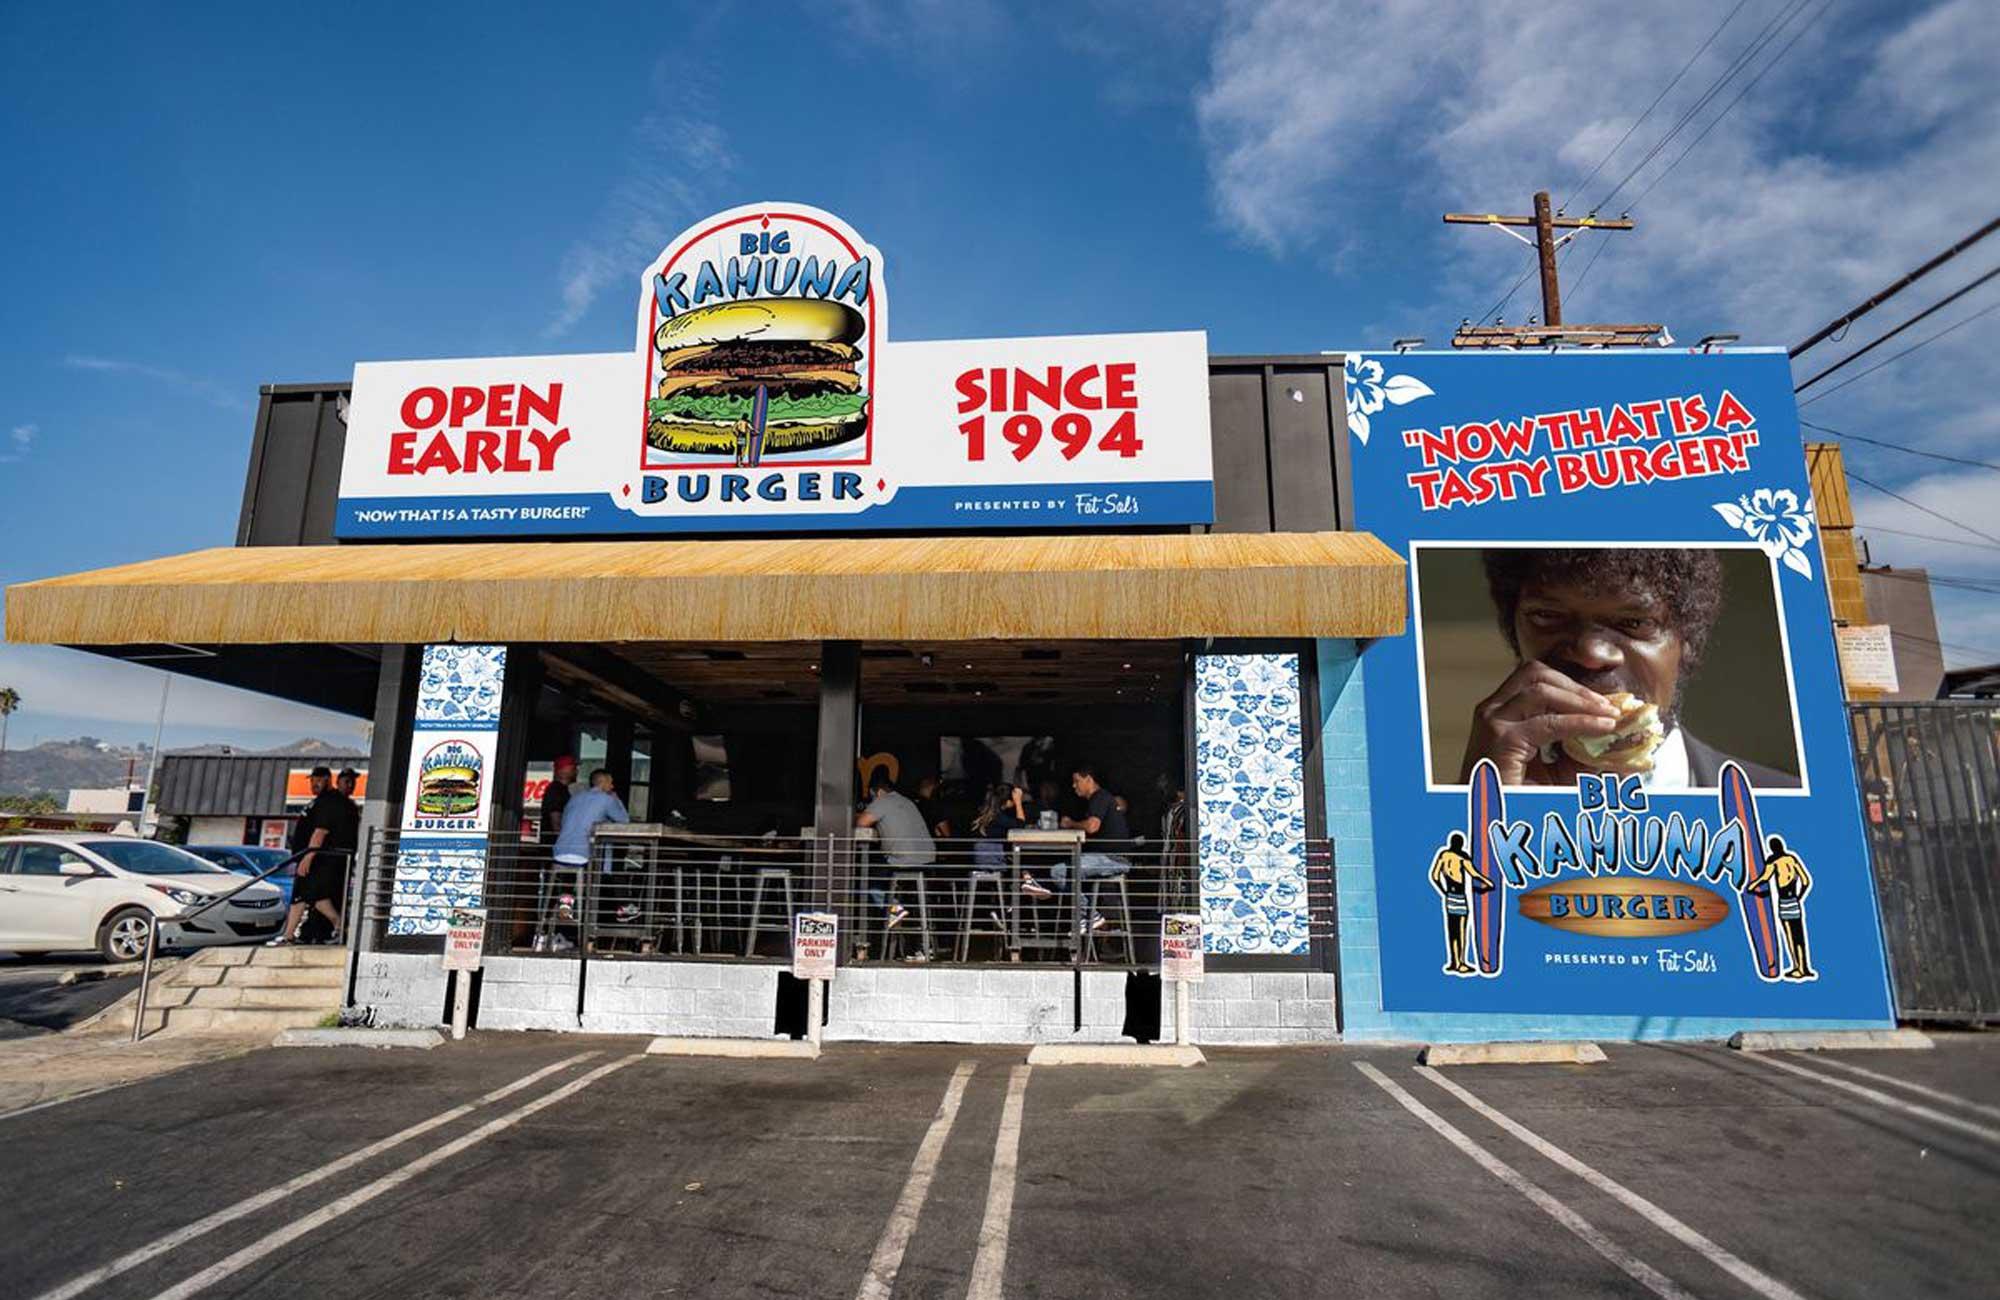 Big Kahuna Burger Comes to Hollywood